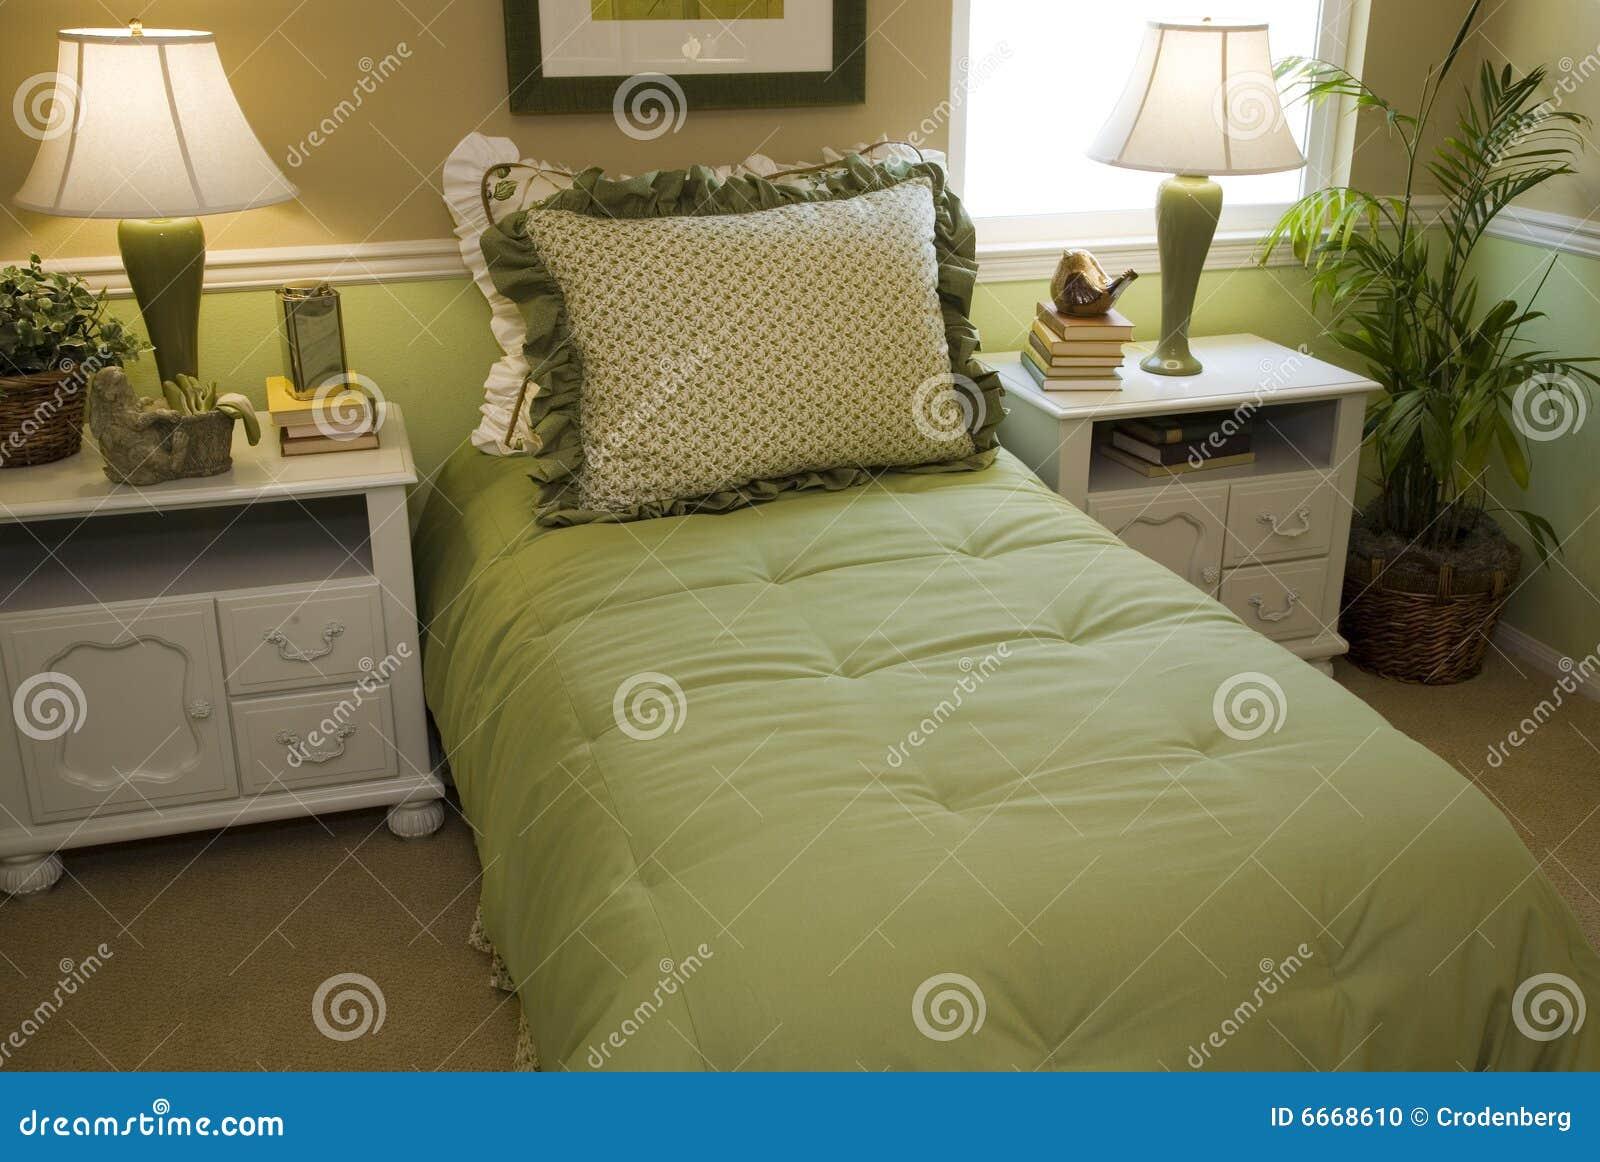 Chambre à Coucher Confortable Avec Le Décor Moderne. Photo stock ...